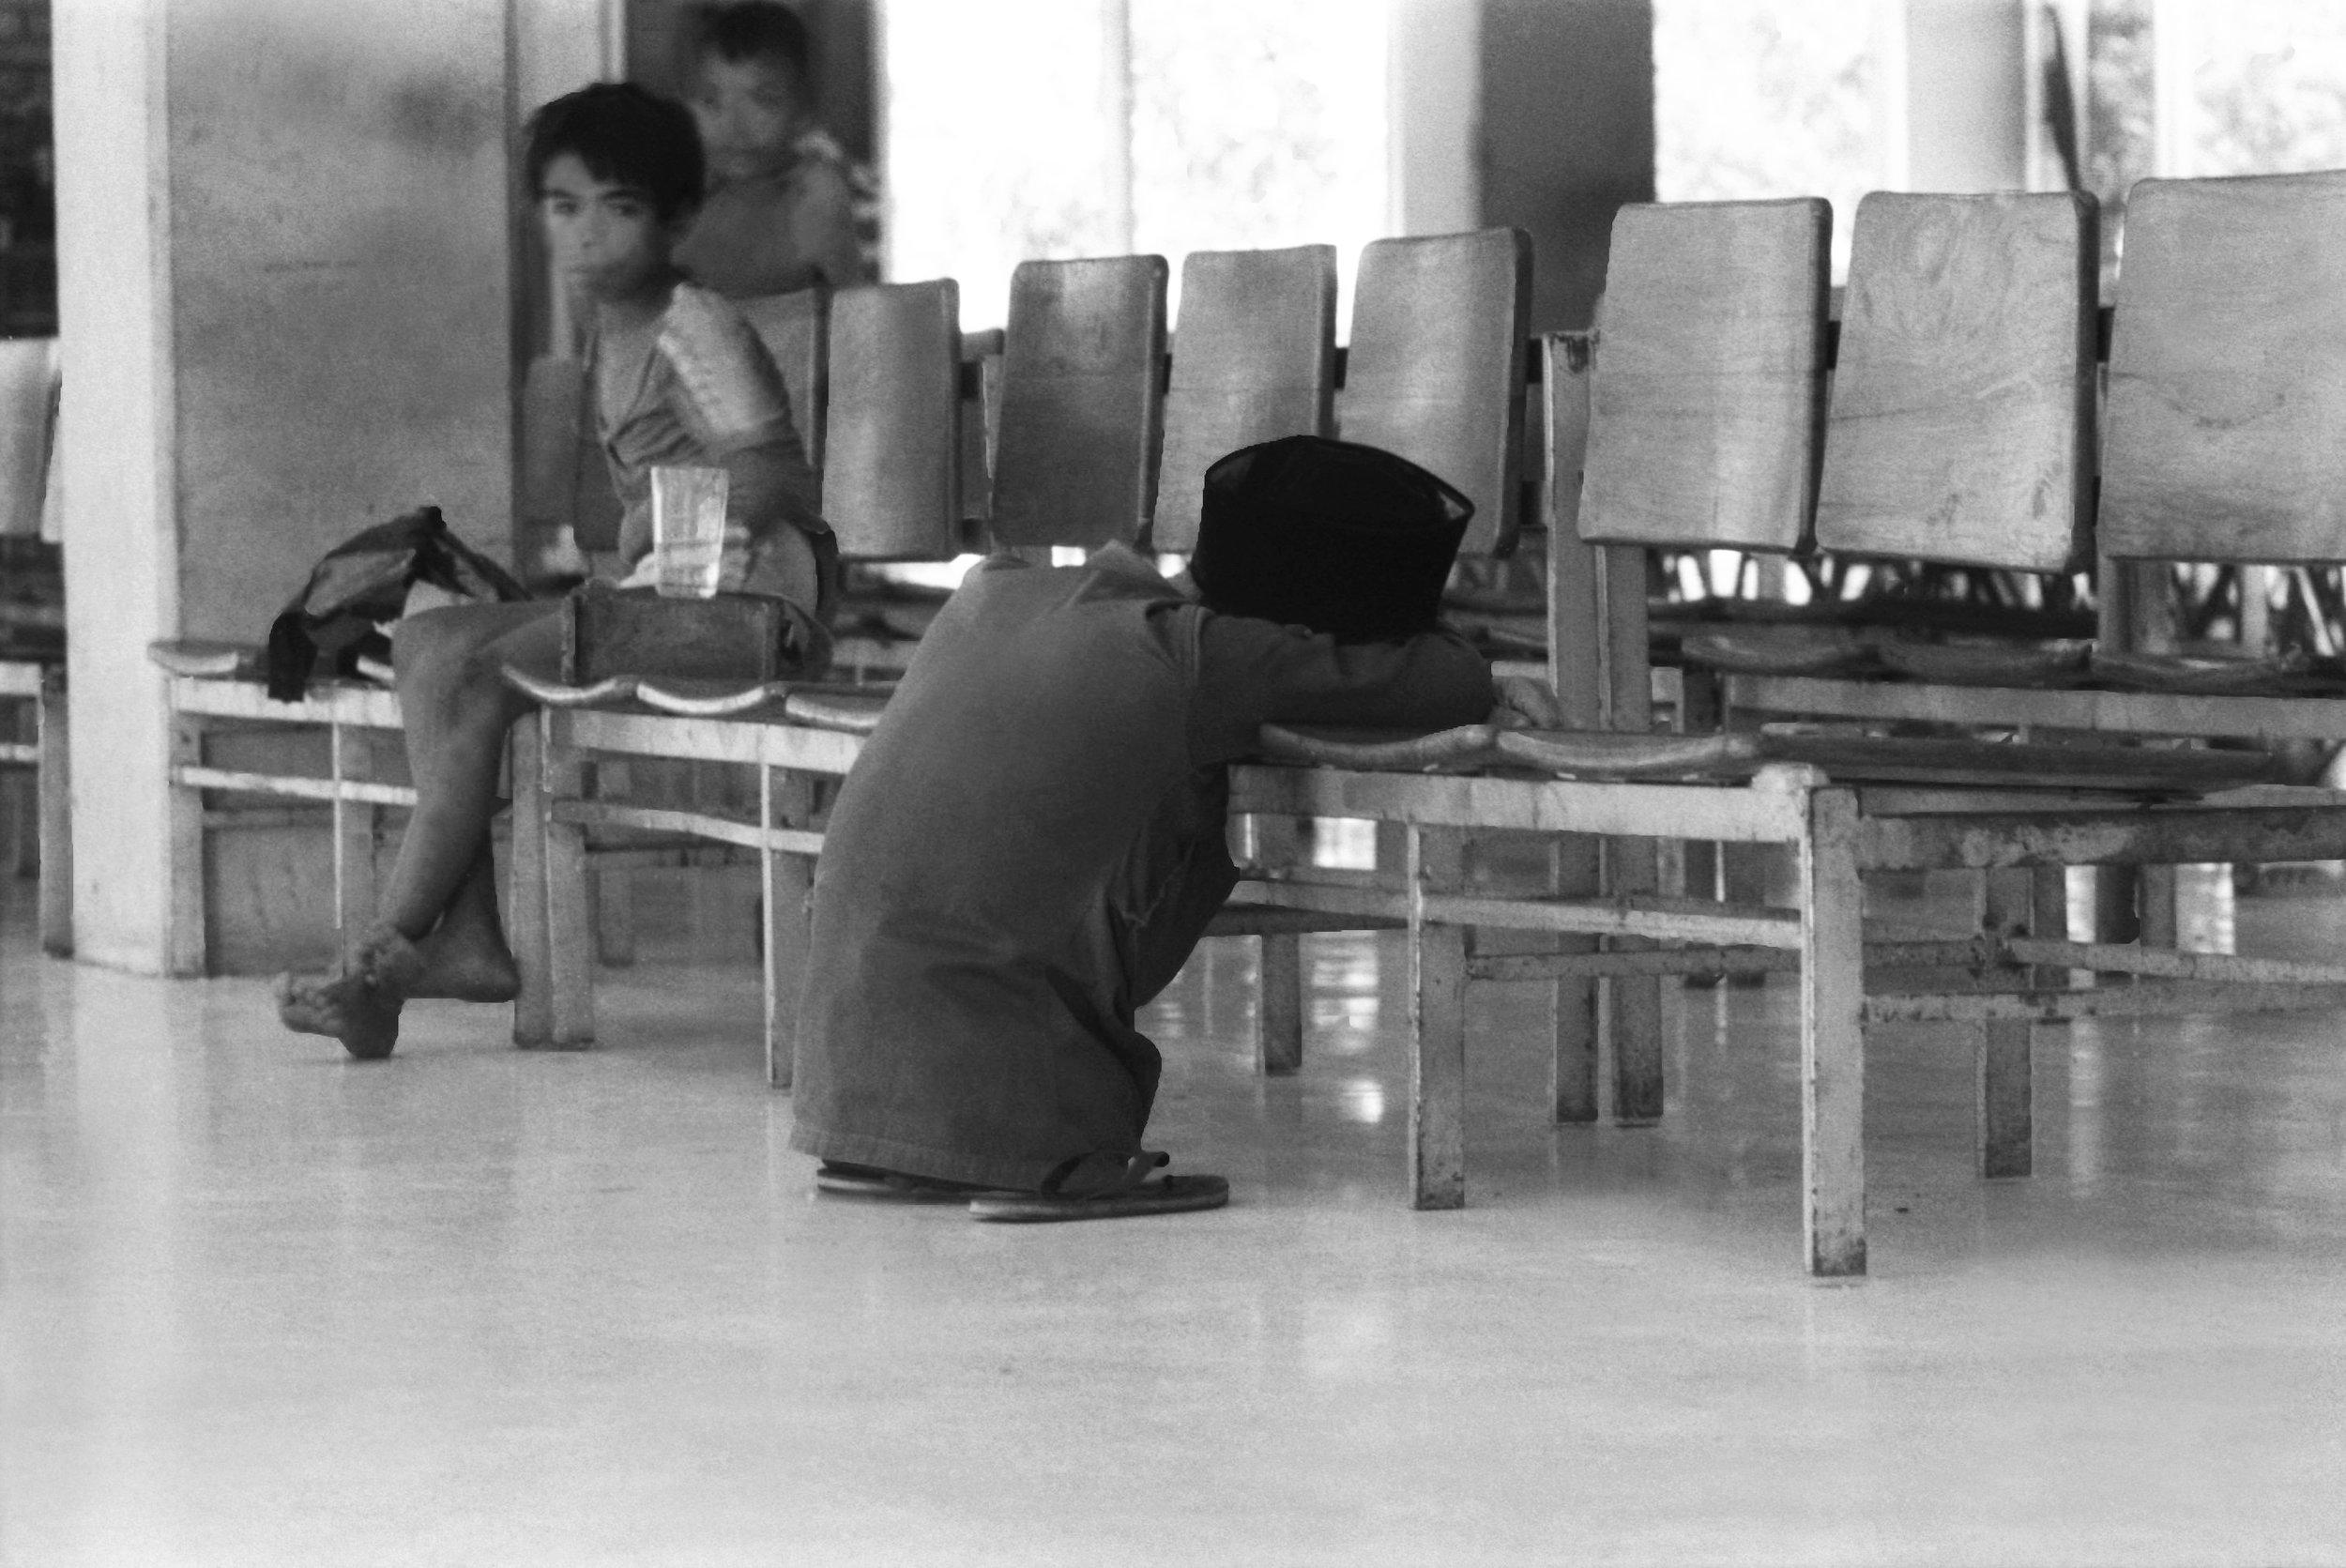 Ferry station. Sumatra, Indonesia. 1984